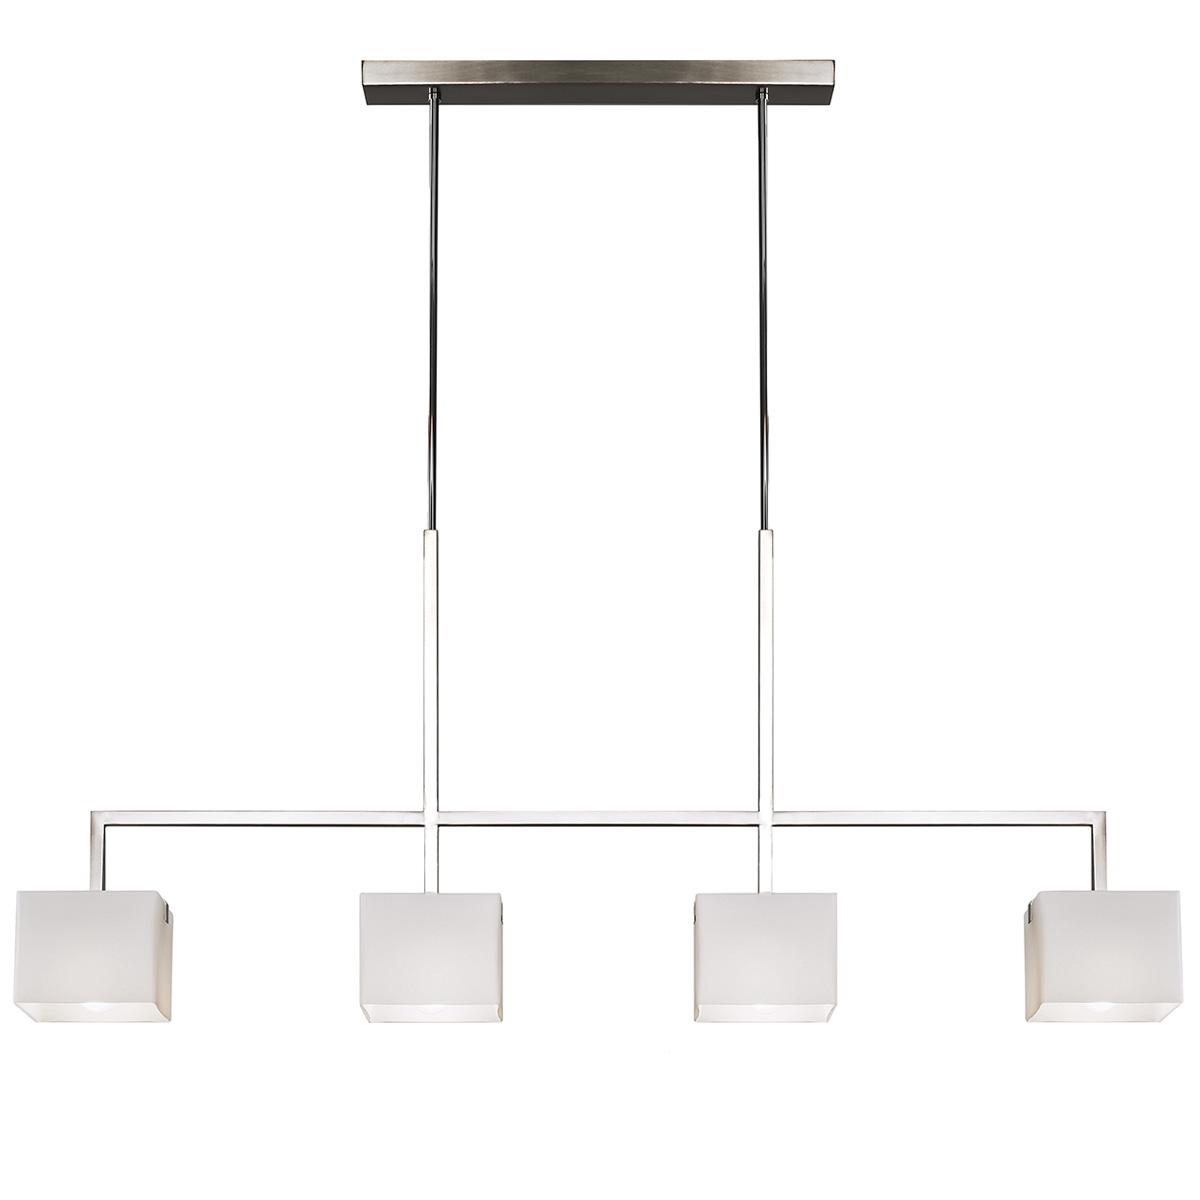 Μοντέρνο φωτιστικό τραπεζαρίας ΚΥΒΟΙ modern chandelier with Murano